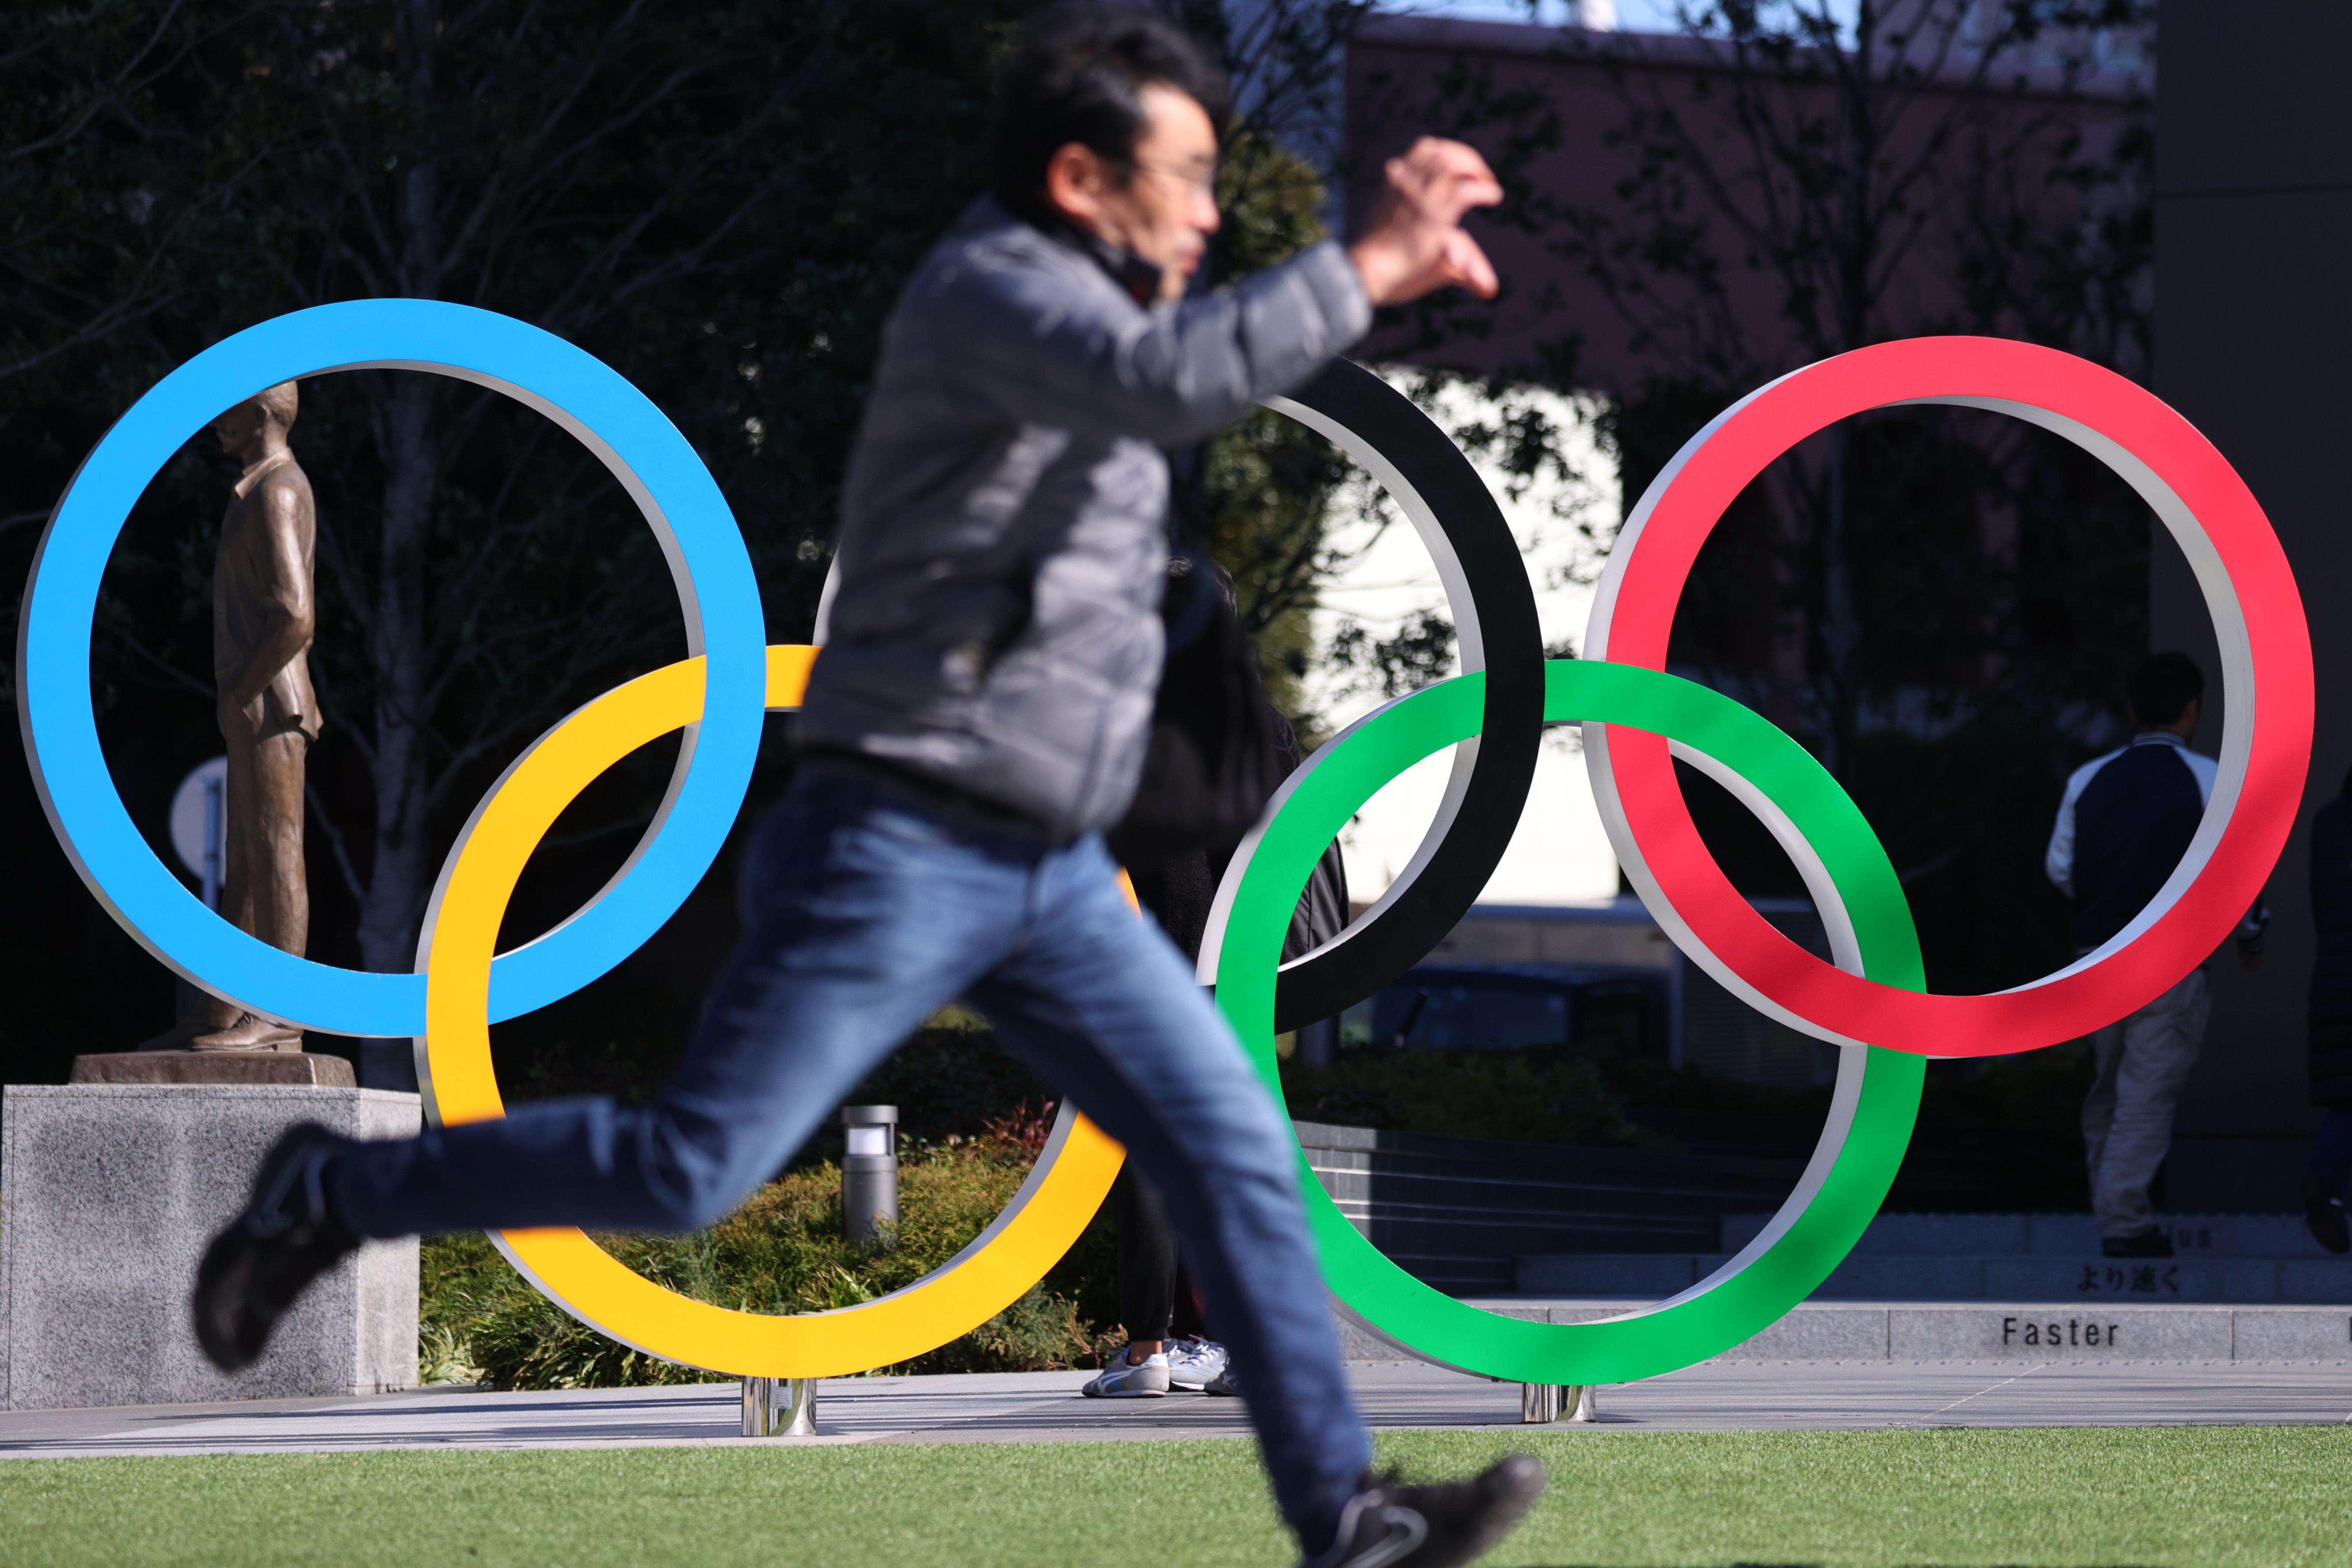 A britek szerint Oroszország kibertámadást tervezett az olimpia idejére